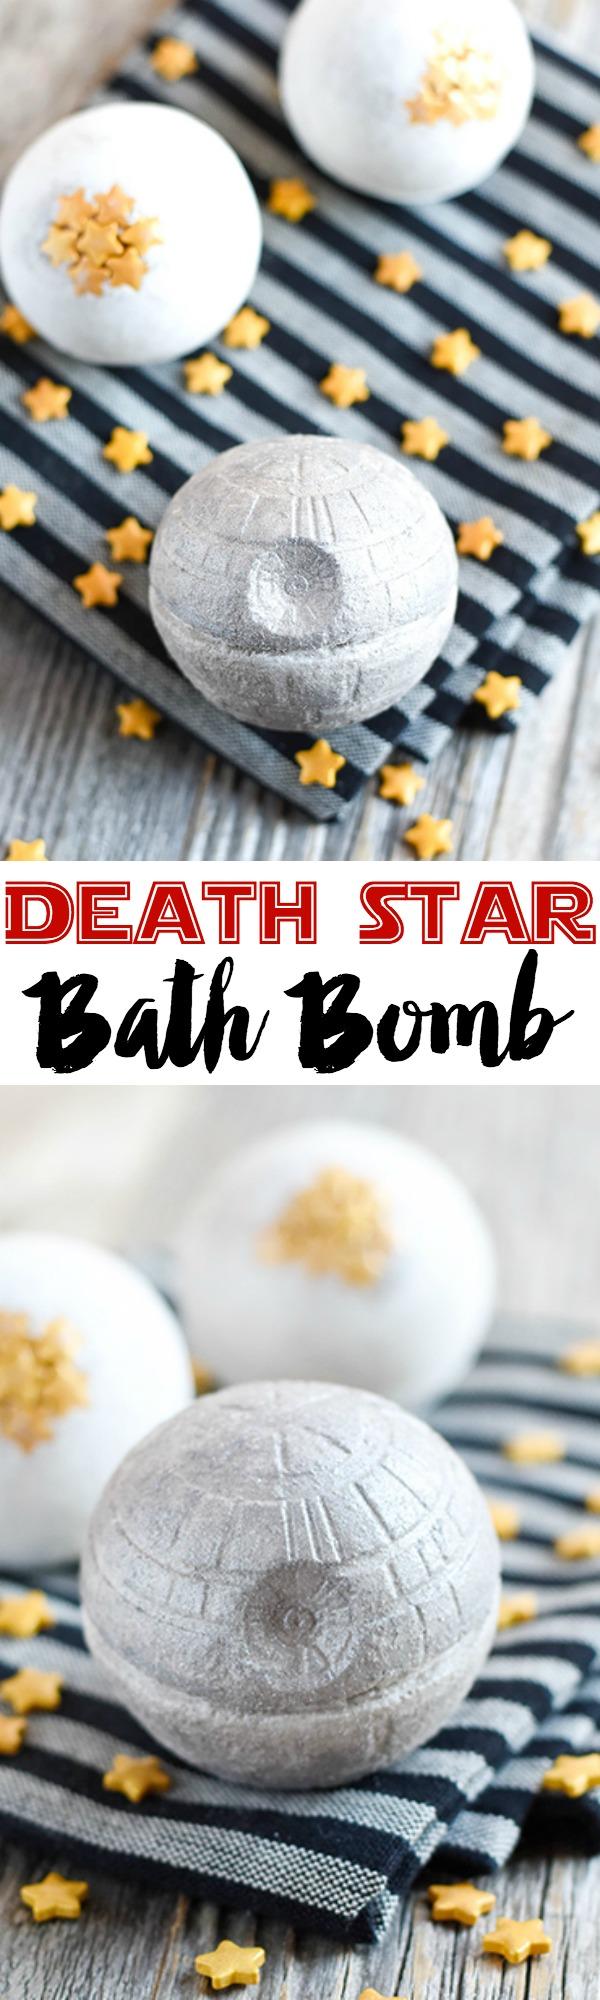 DIY-Death-Star-Bath-Bomb